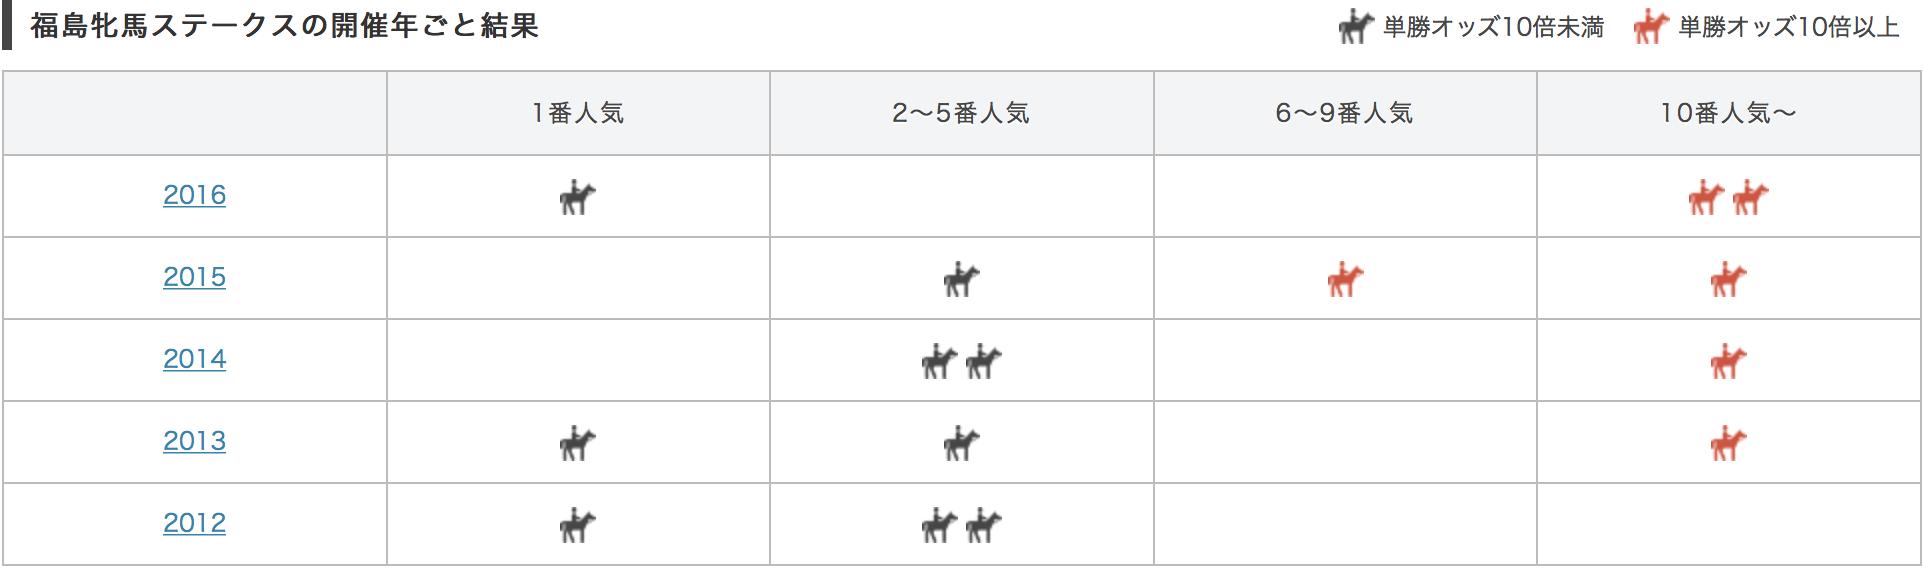 福島牝馬ステークス2017単勝人気別データ